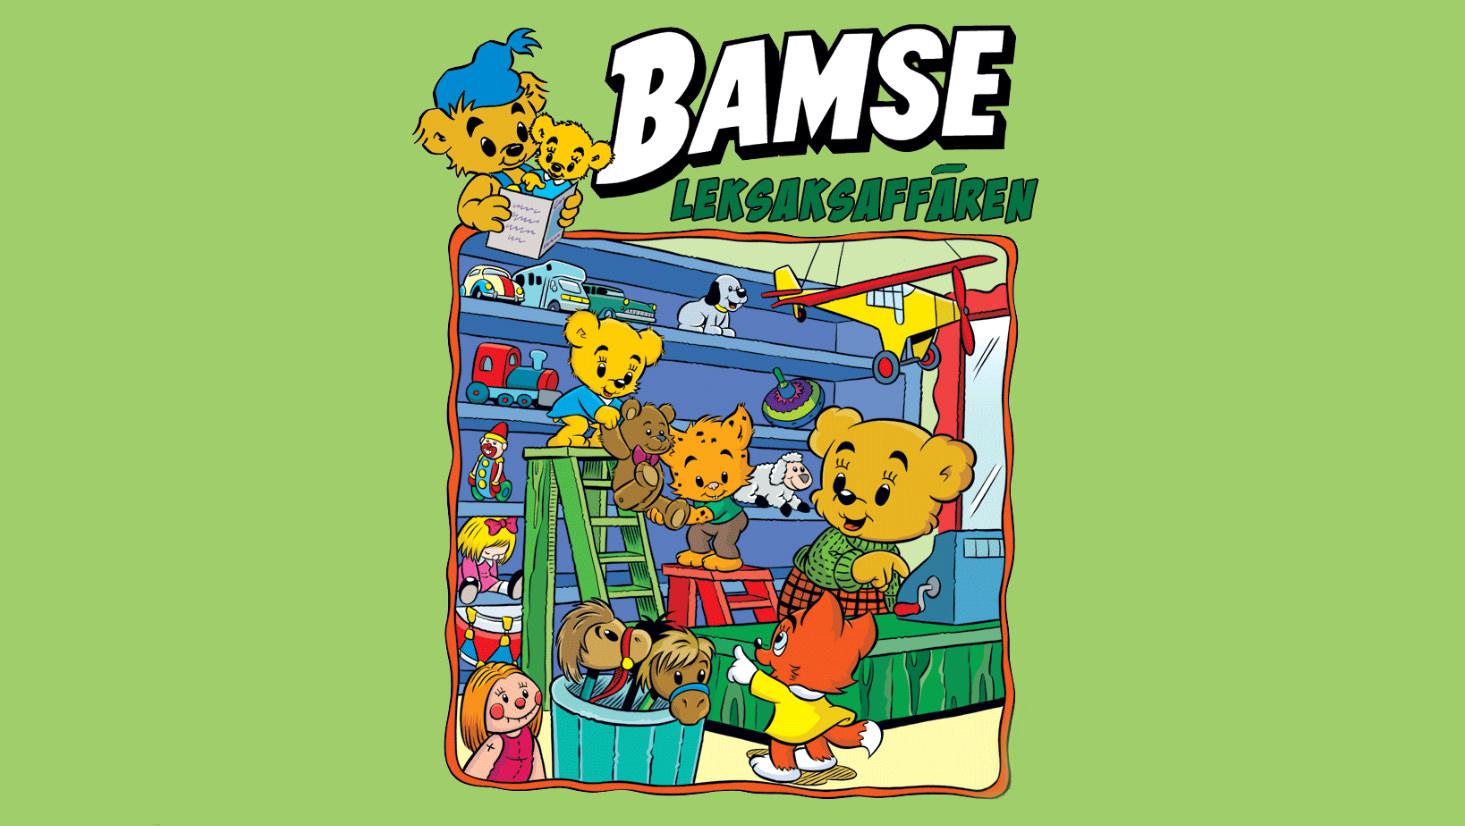 www.bamse.se spel